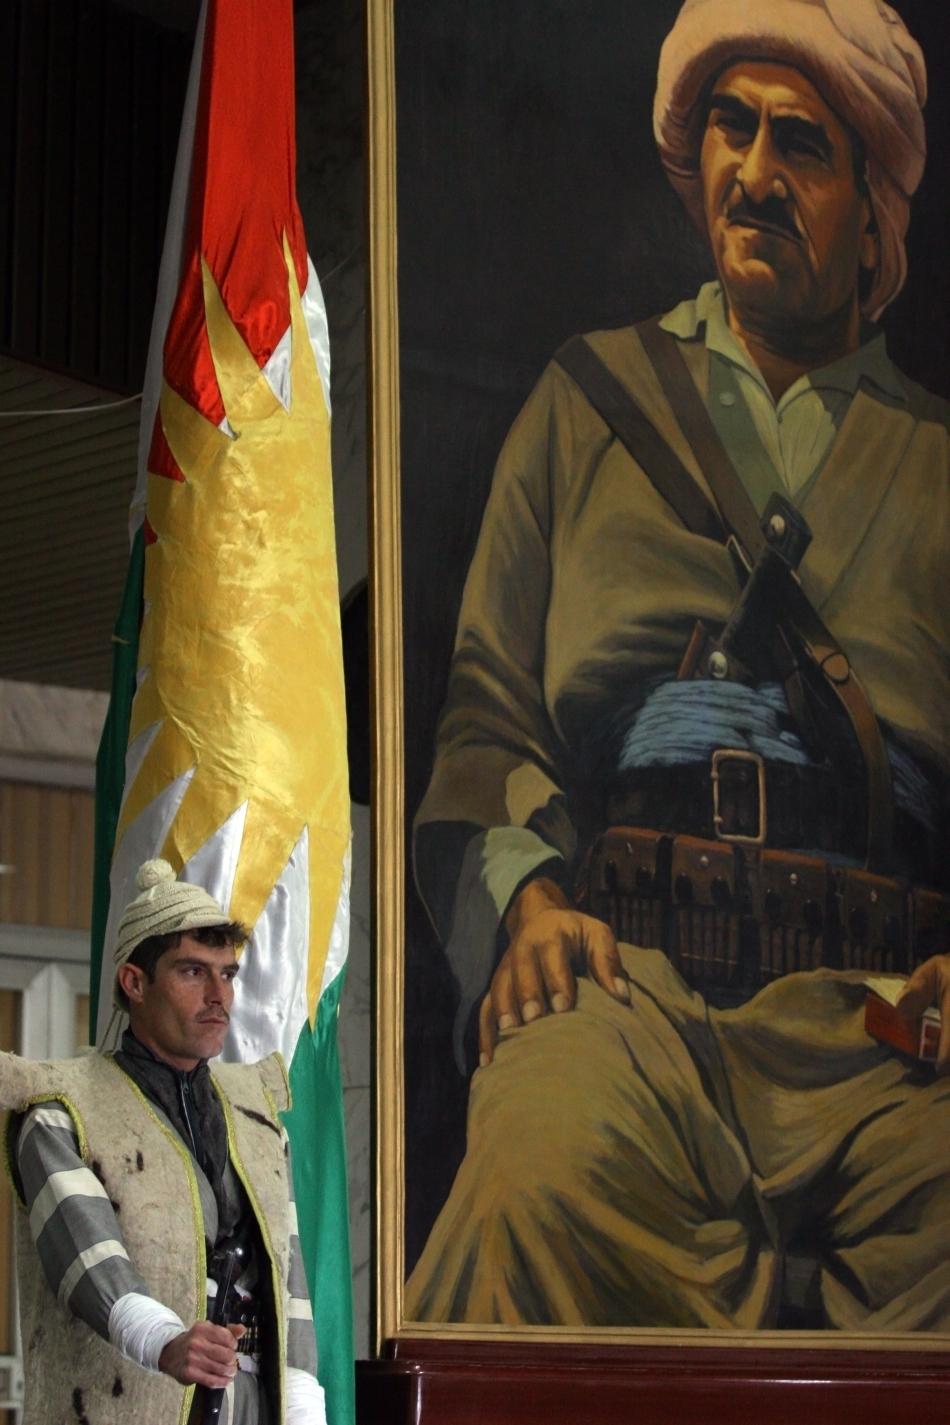 Soldat kurd care stă de pază în faţa portretului lui Mustafa Barzani, cel mai mare erou kurd.